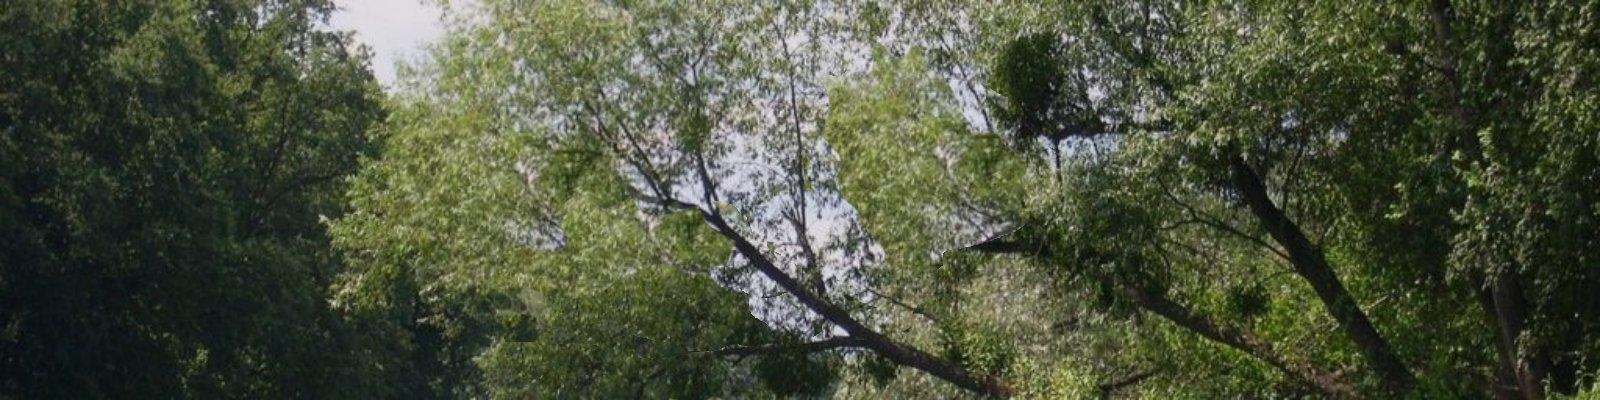 maretakbomen